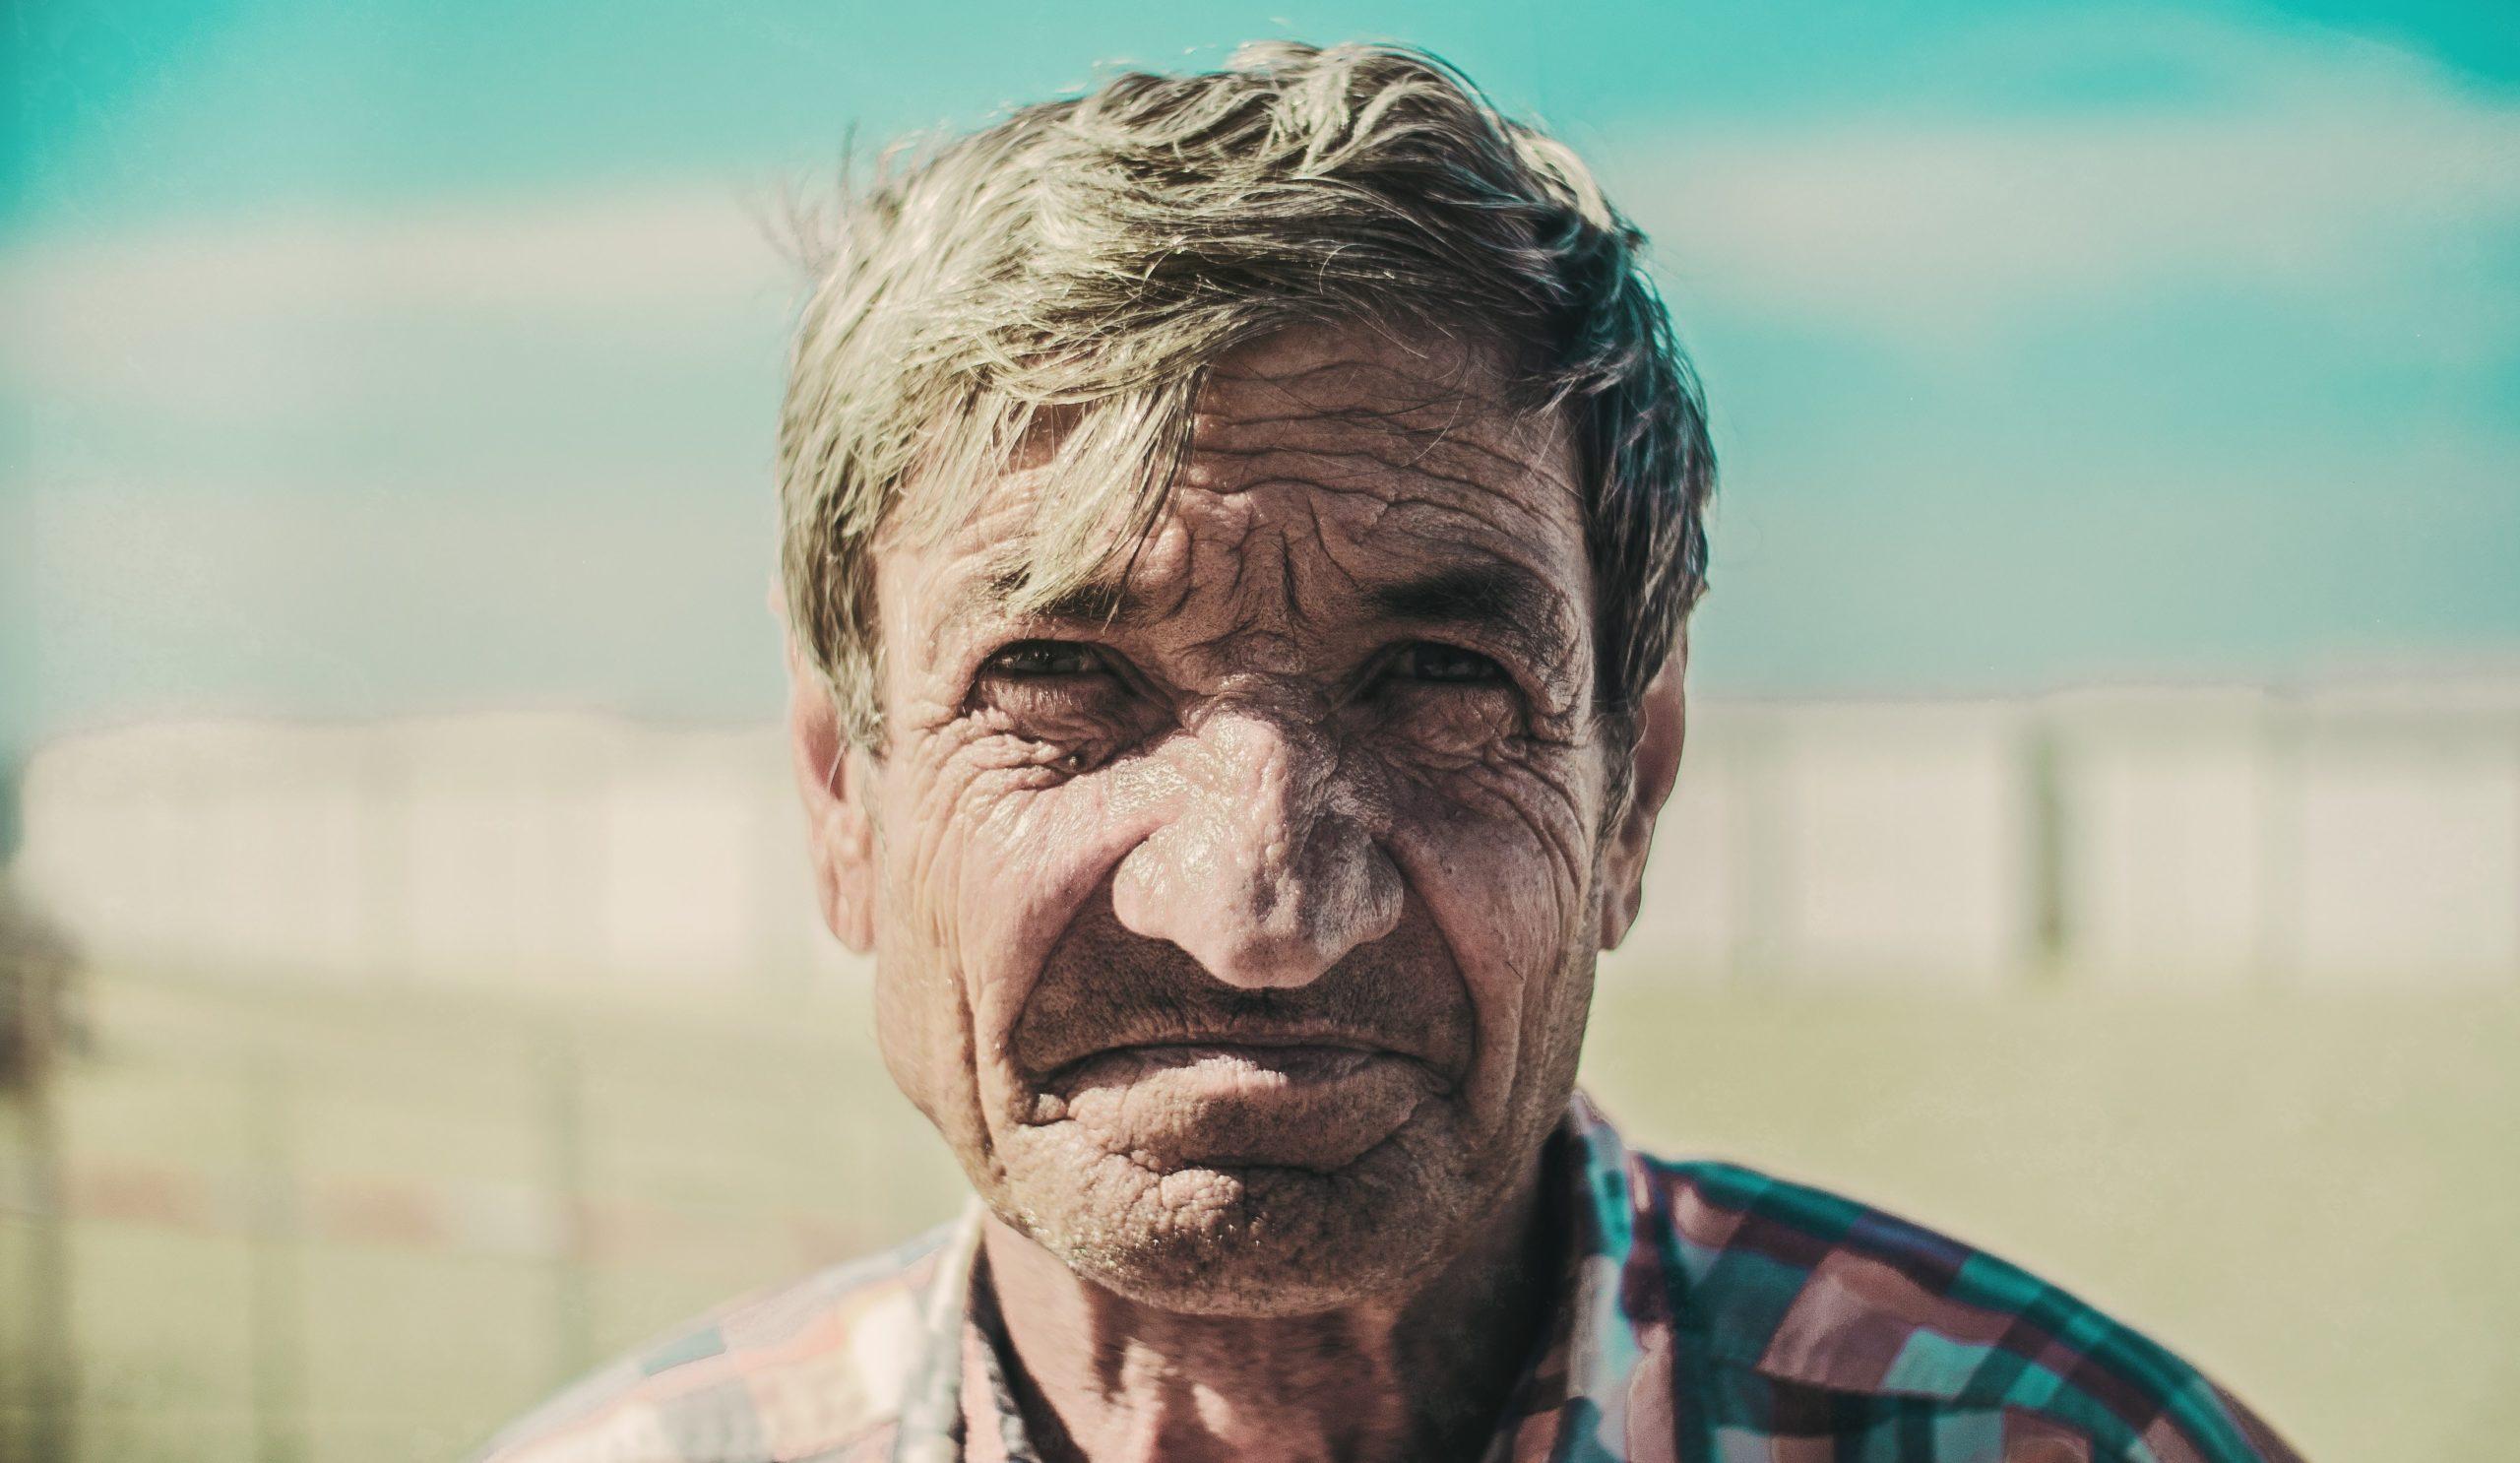 Wer ist Ältester Mensch der Welt geworden und welcher Deutsche hat das höchste Alter aller Zeiten erreicht?